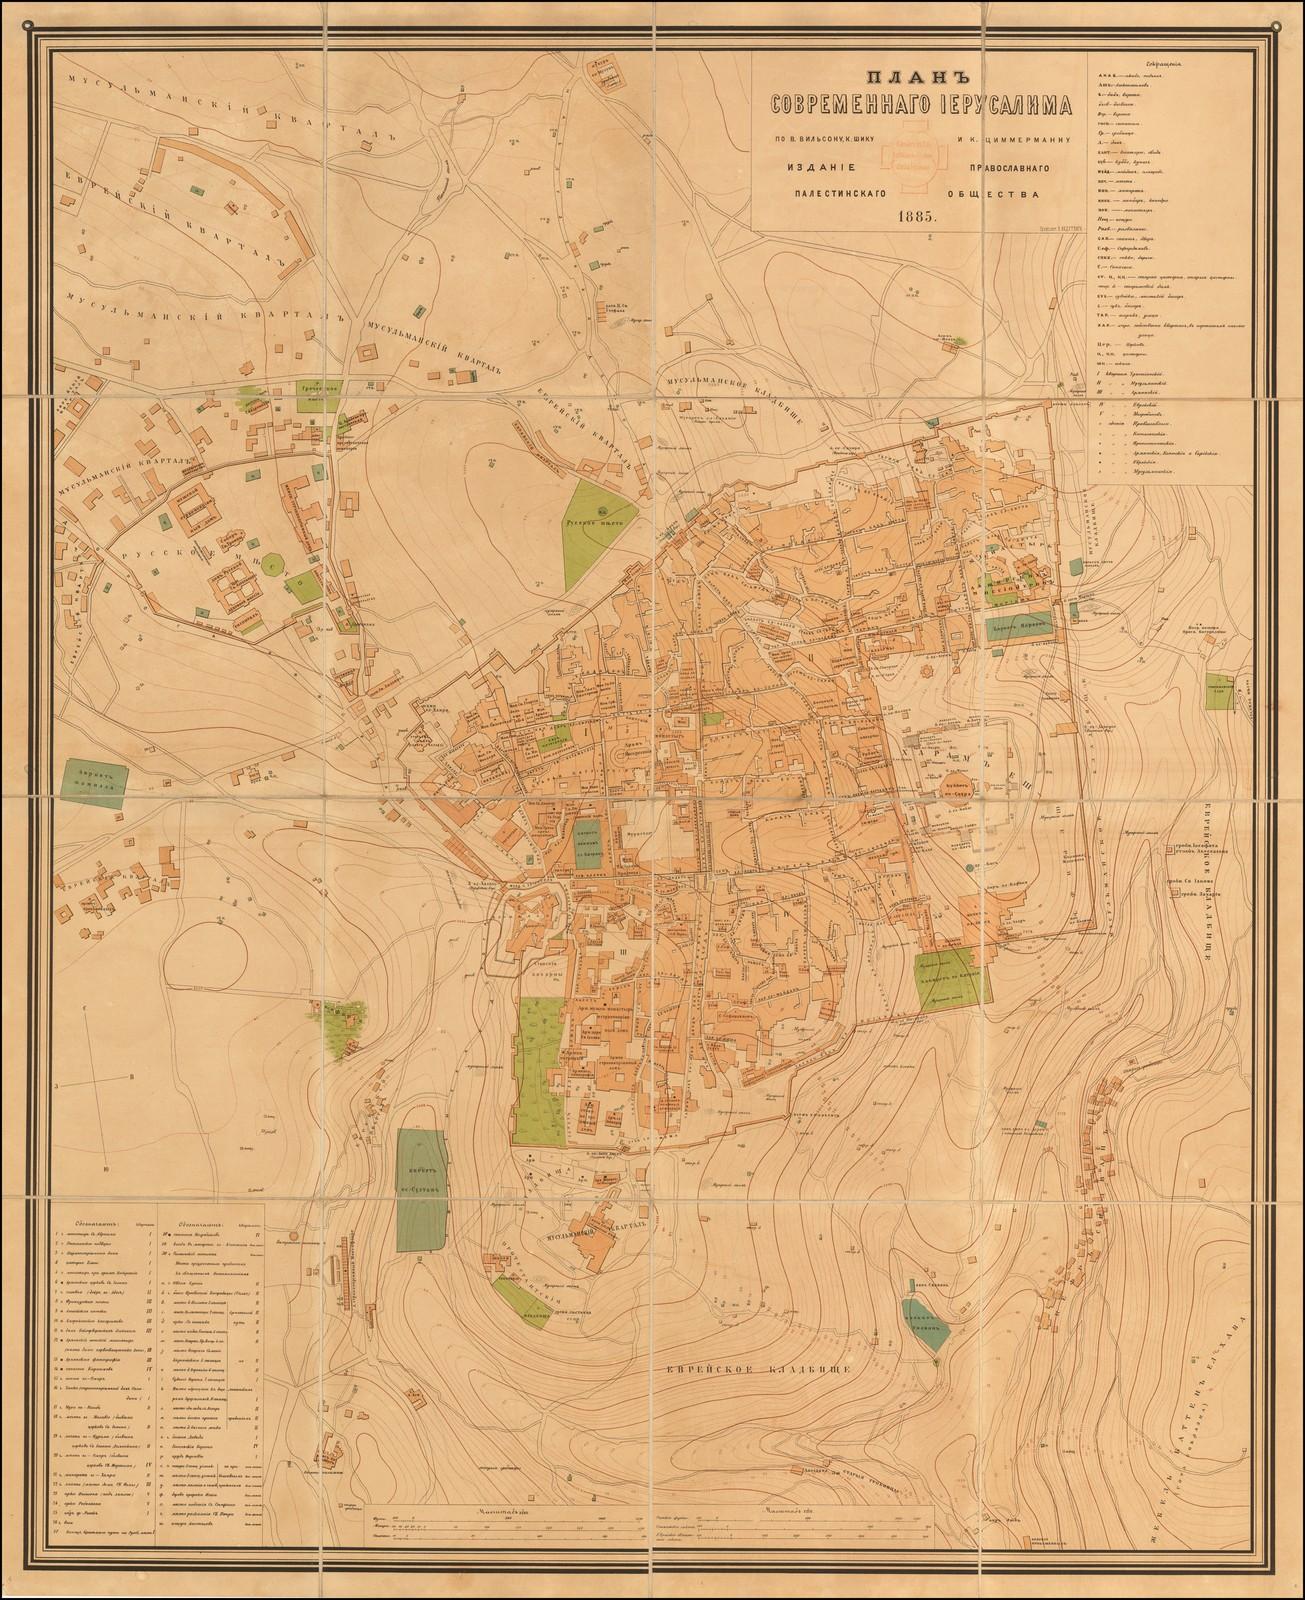 Литографированная русская карта Иерусалима, изданная в 1885 году Российским Императорским Православным Палестинским Обществом